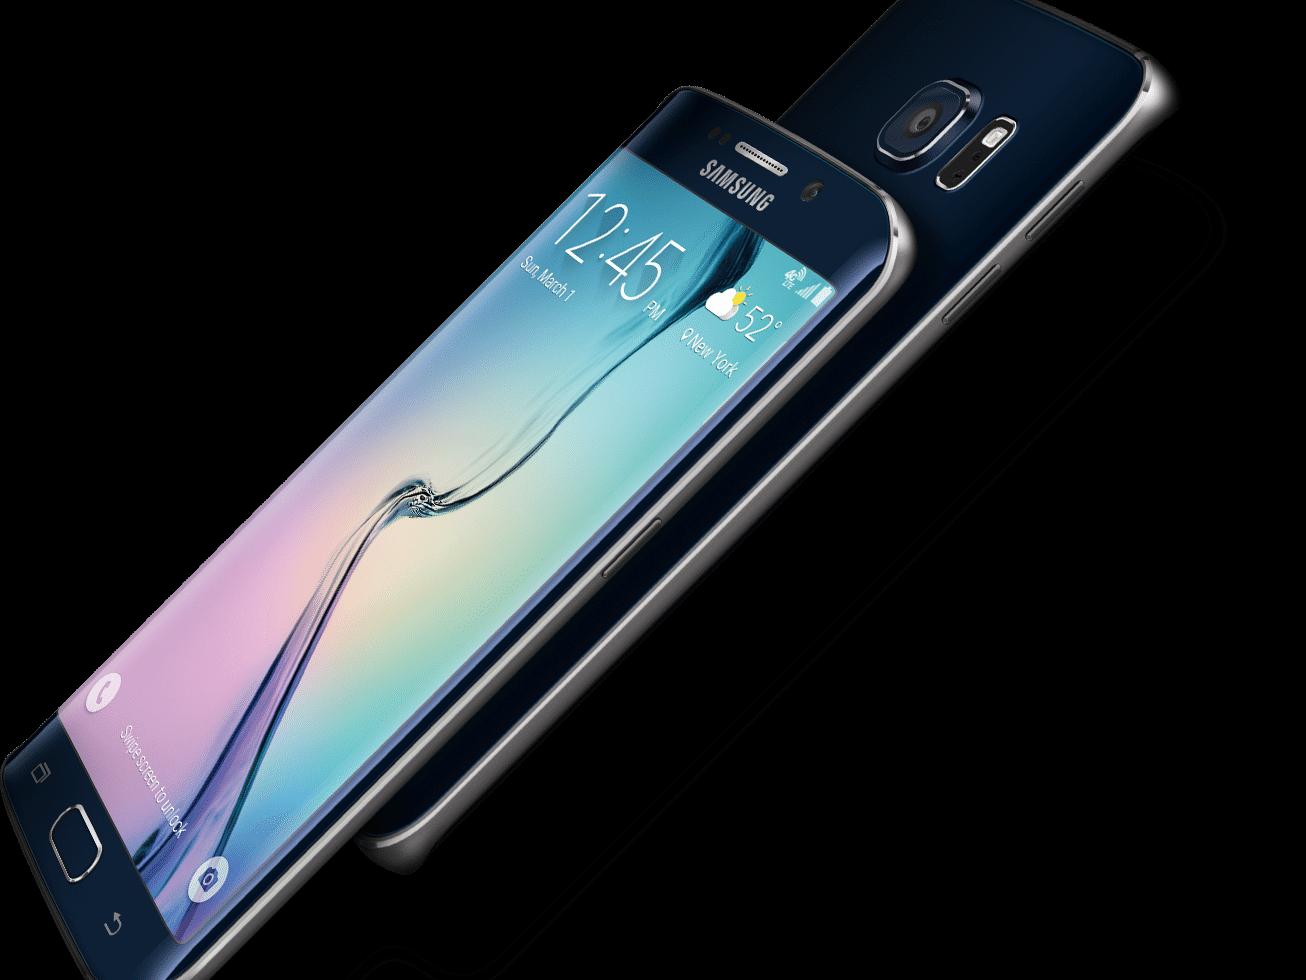 bdd722724d7 Samsung Galaxy S6 Edge+ Smartphone Review - NotebookCheck.net Reviews